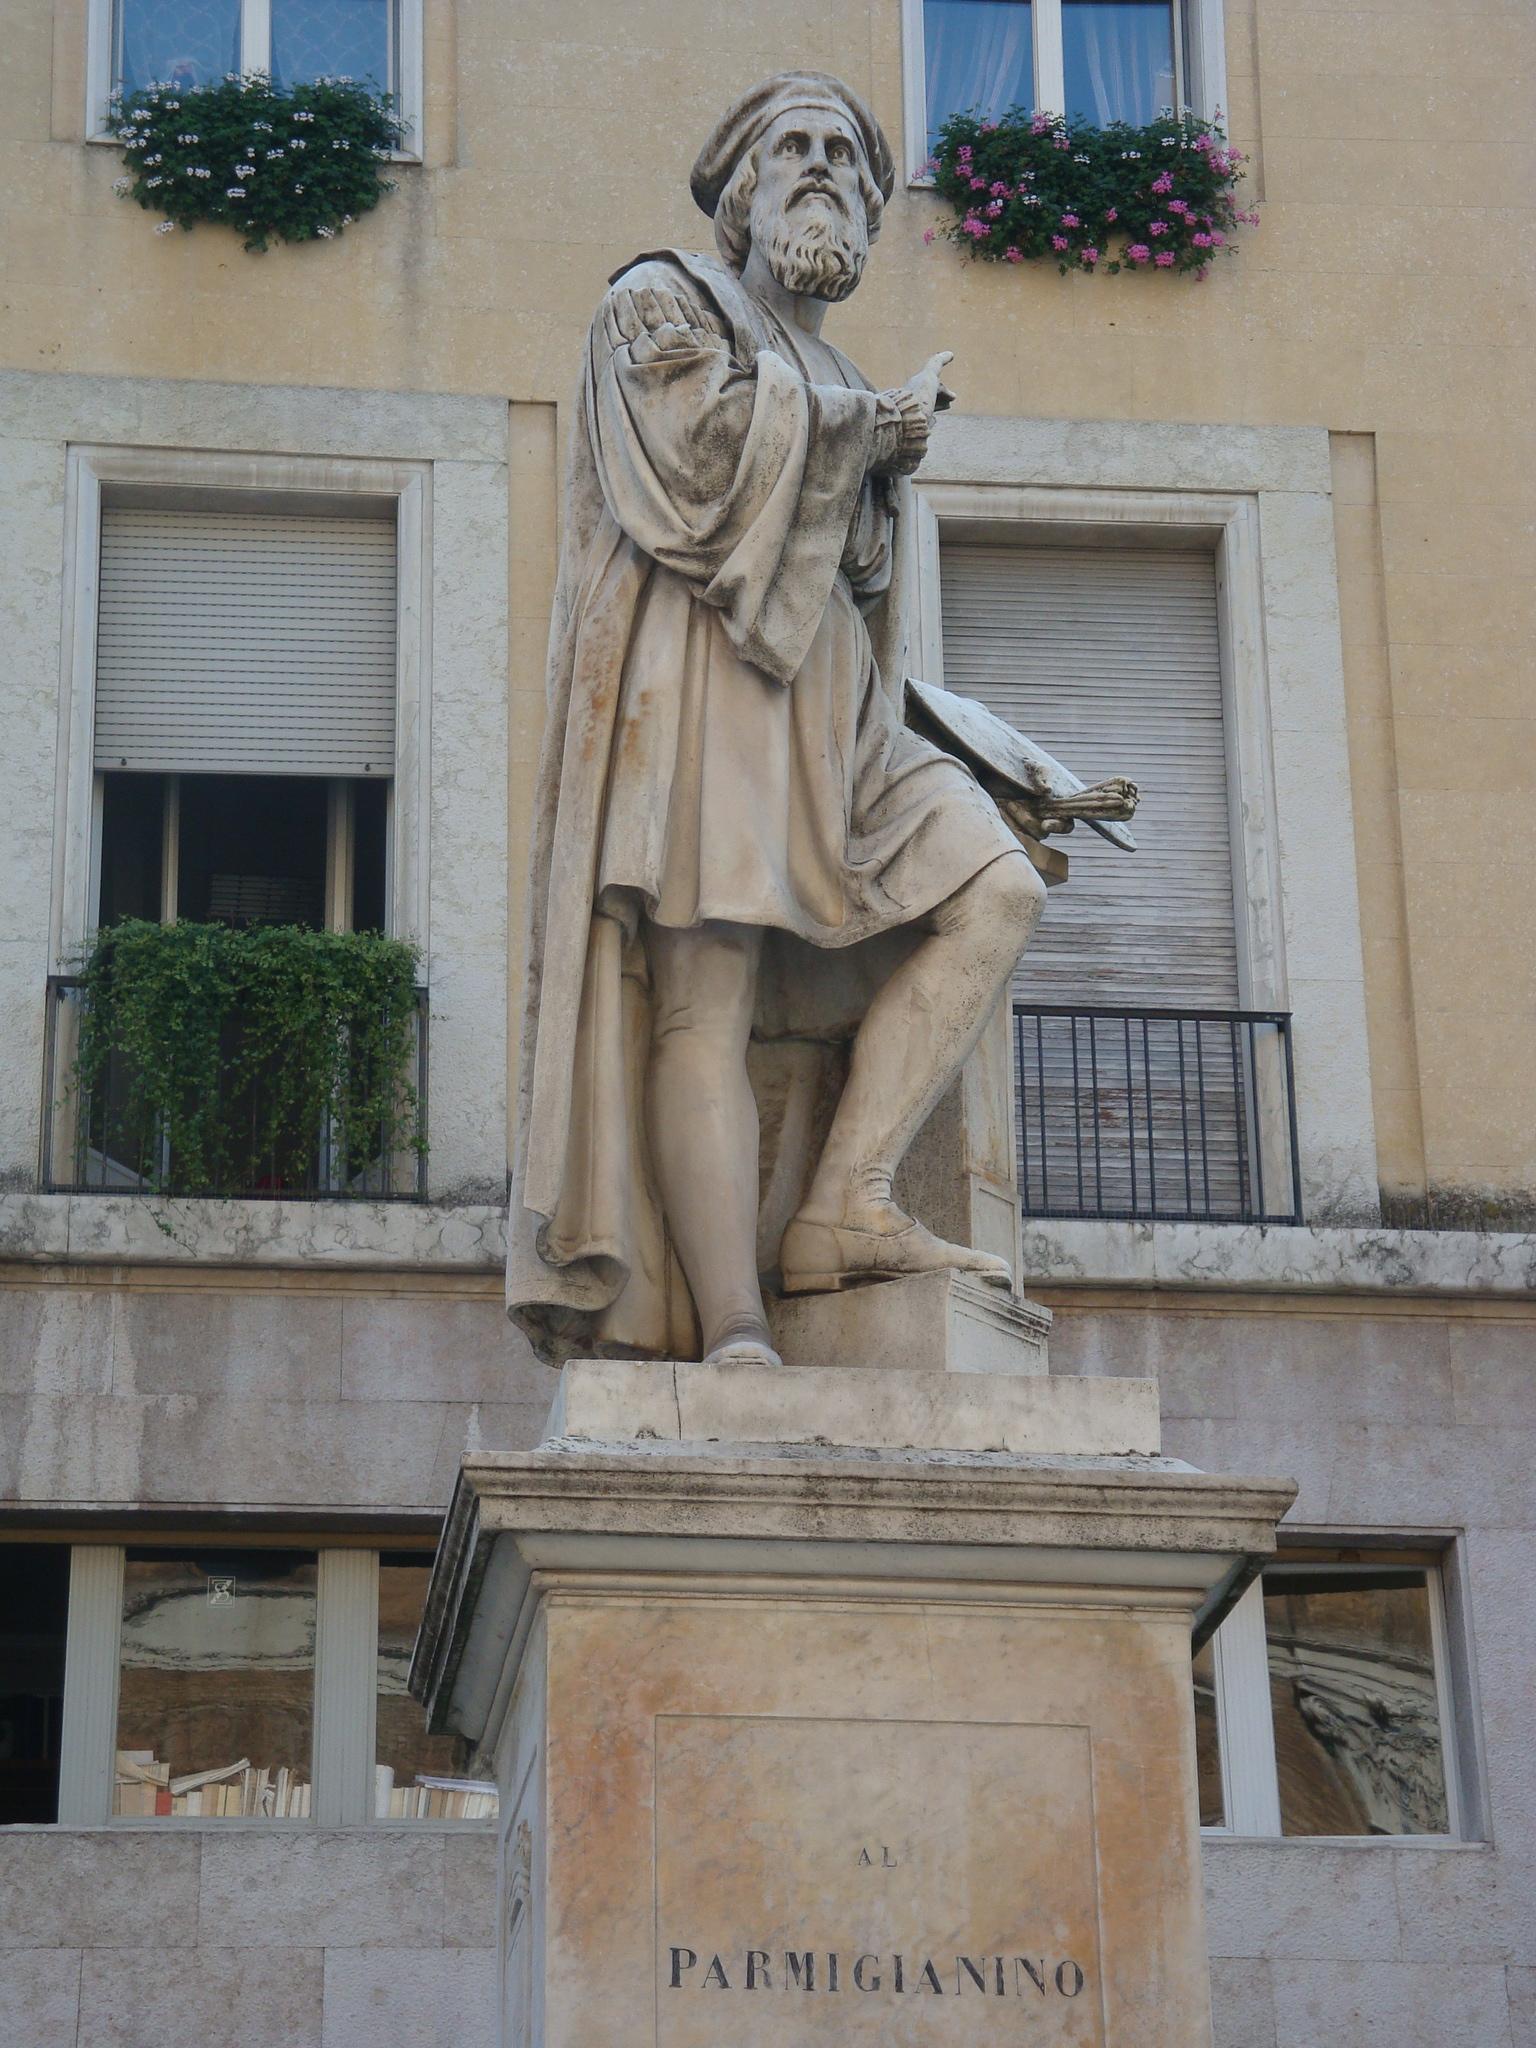 Parmiggnino, Parma's most famous native-born painter